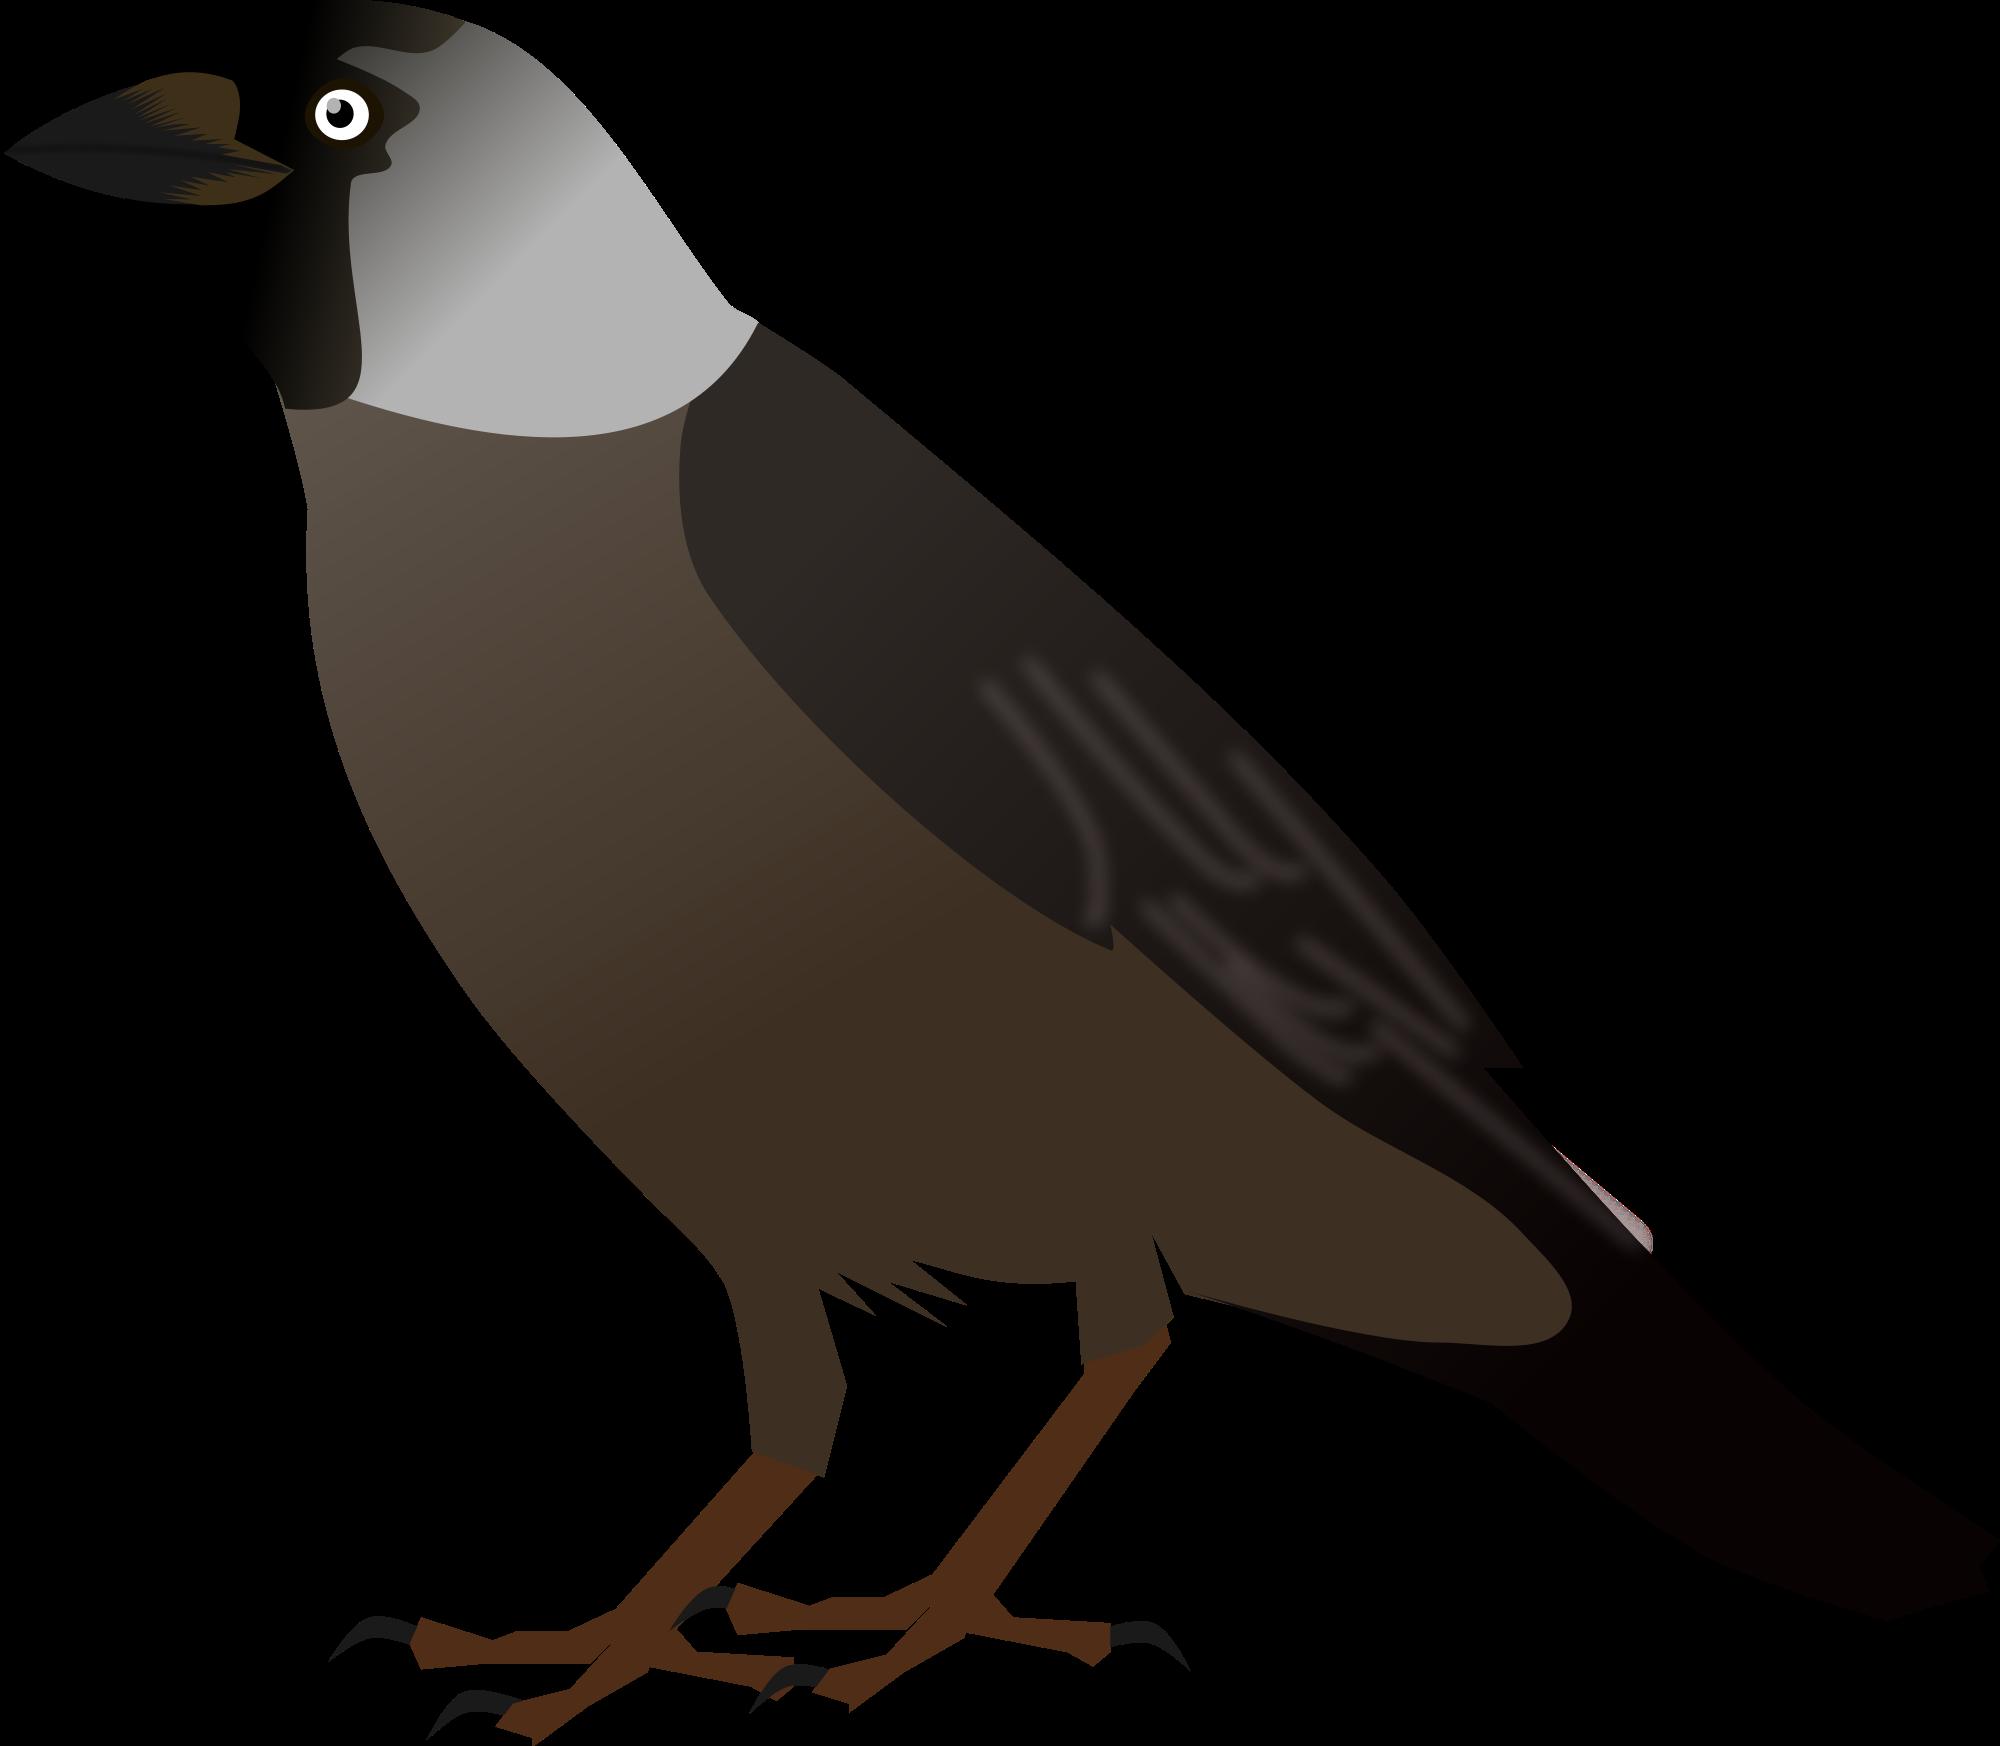 Koyal bird clipart.